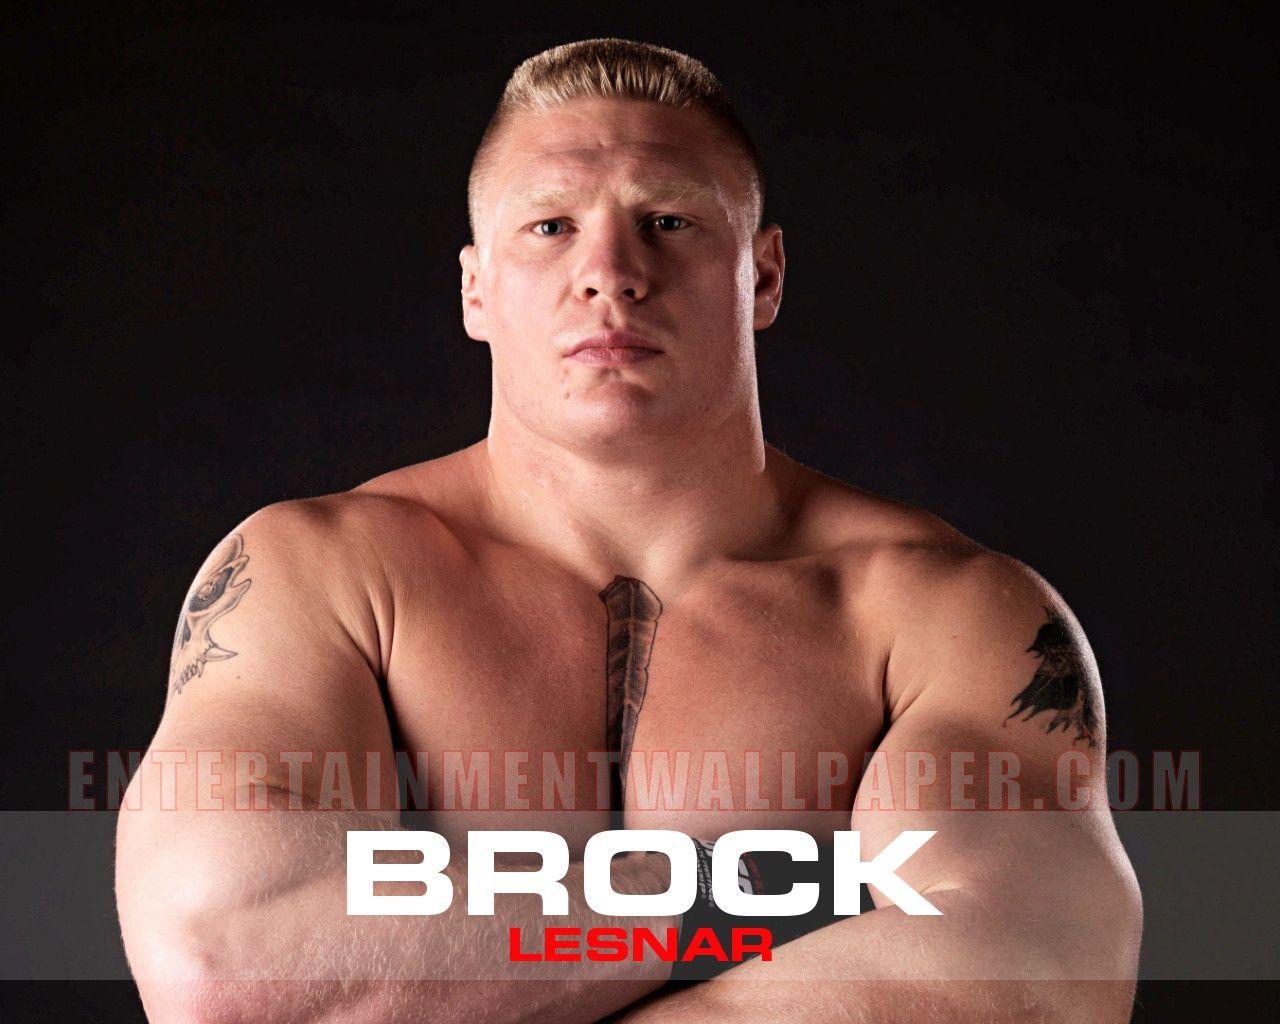 Brock Lesnar Wallpaper HD – 1280 x 1024 pixels – 129 kB